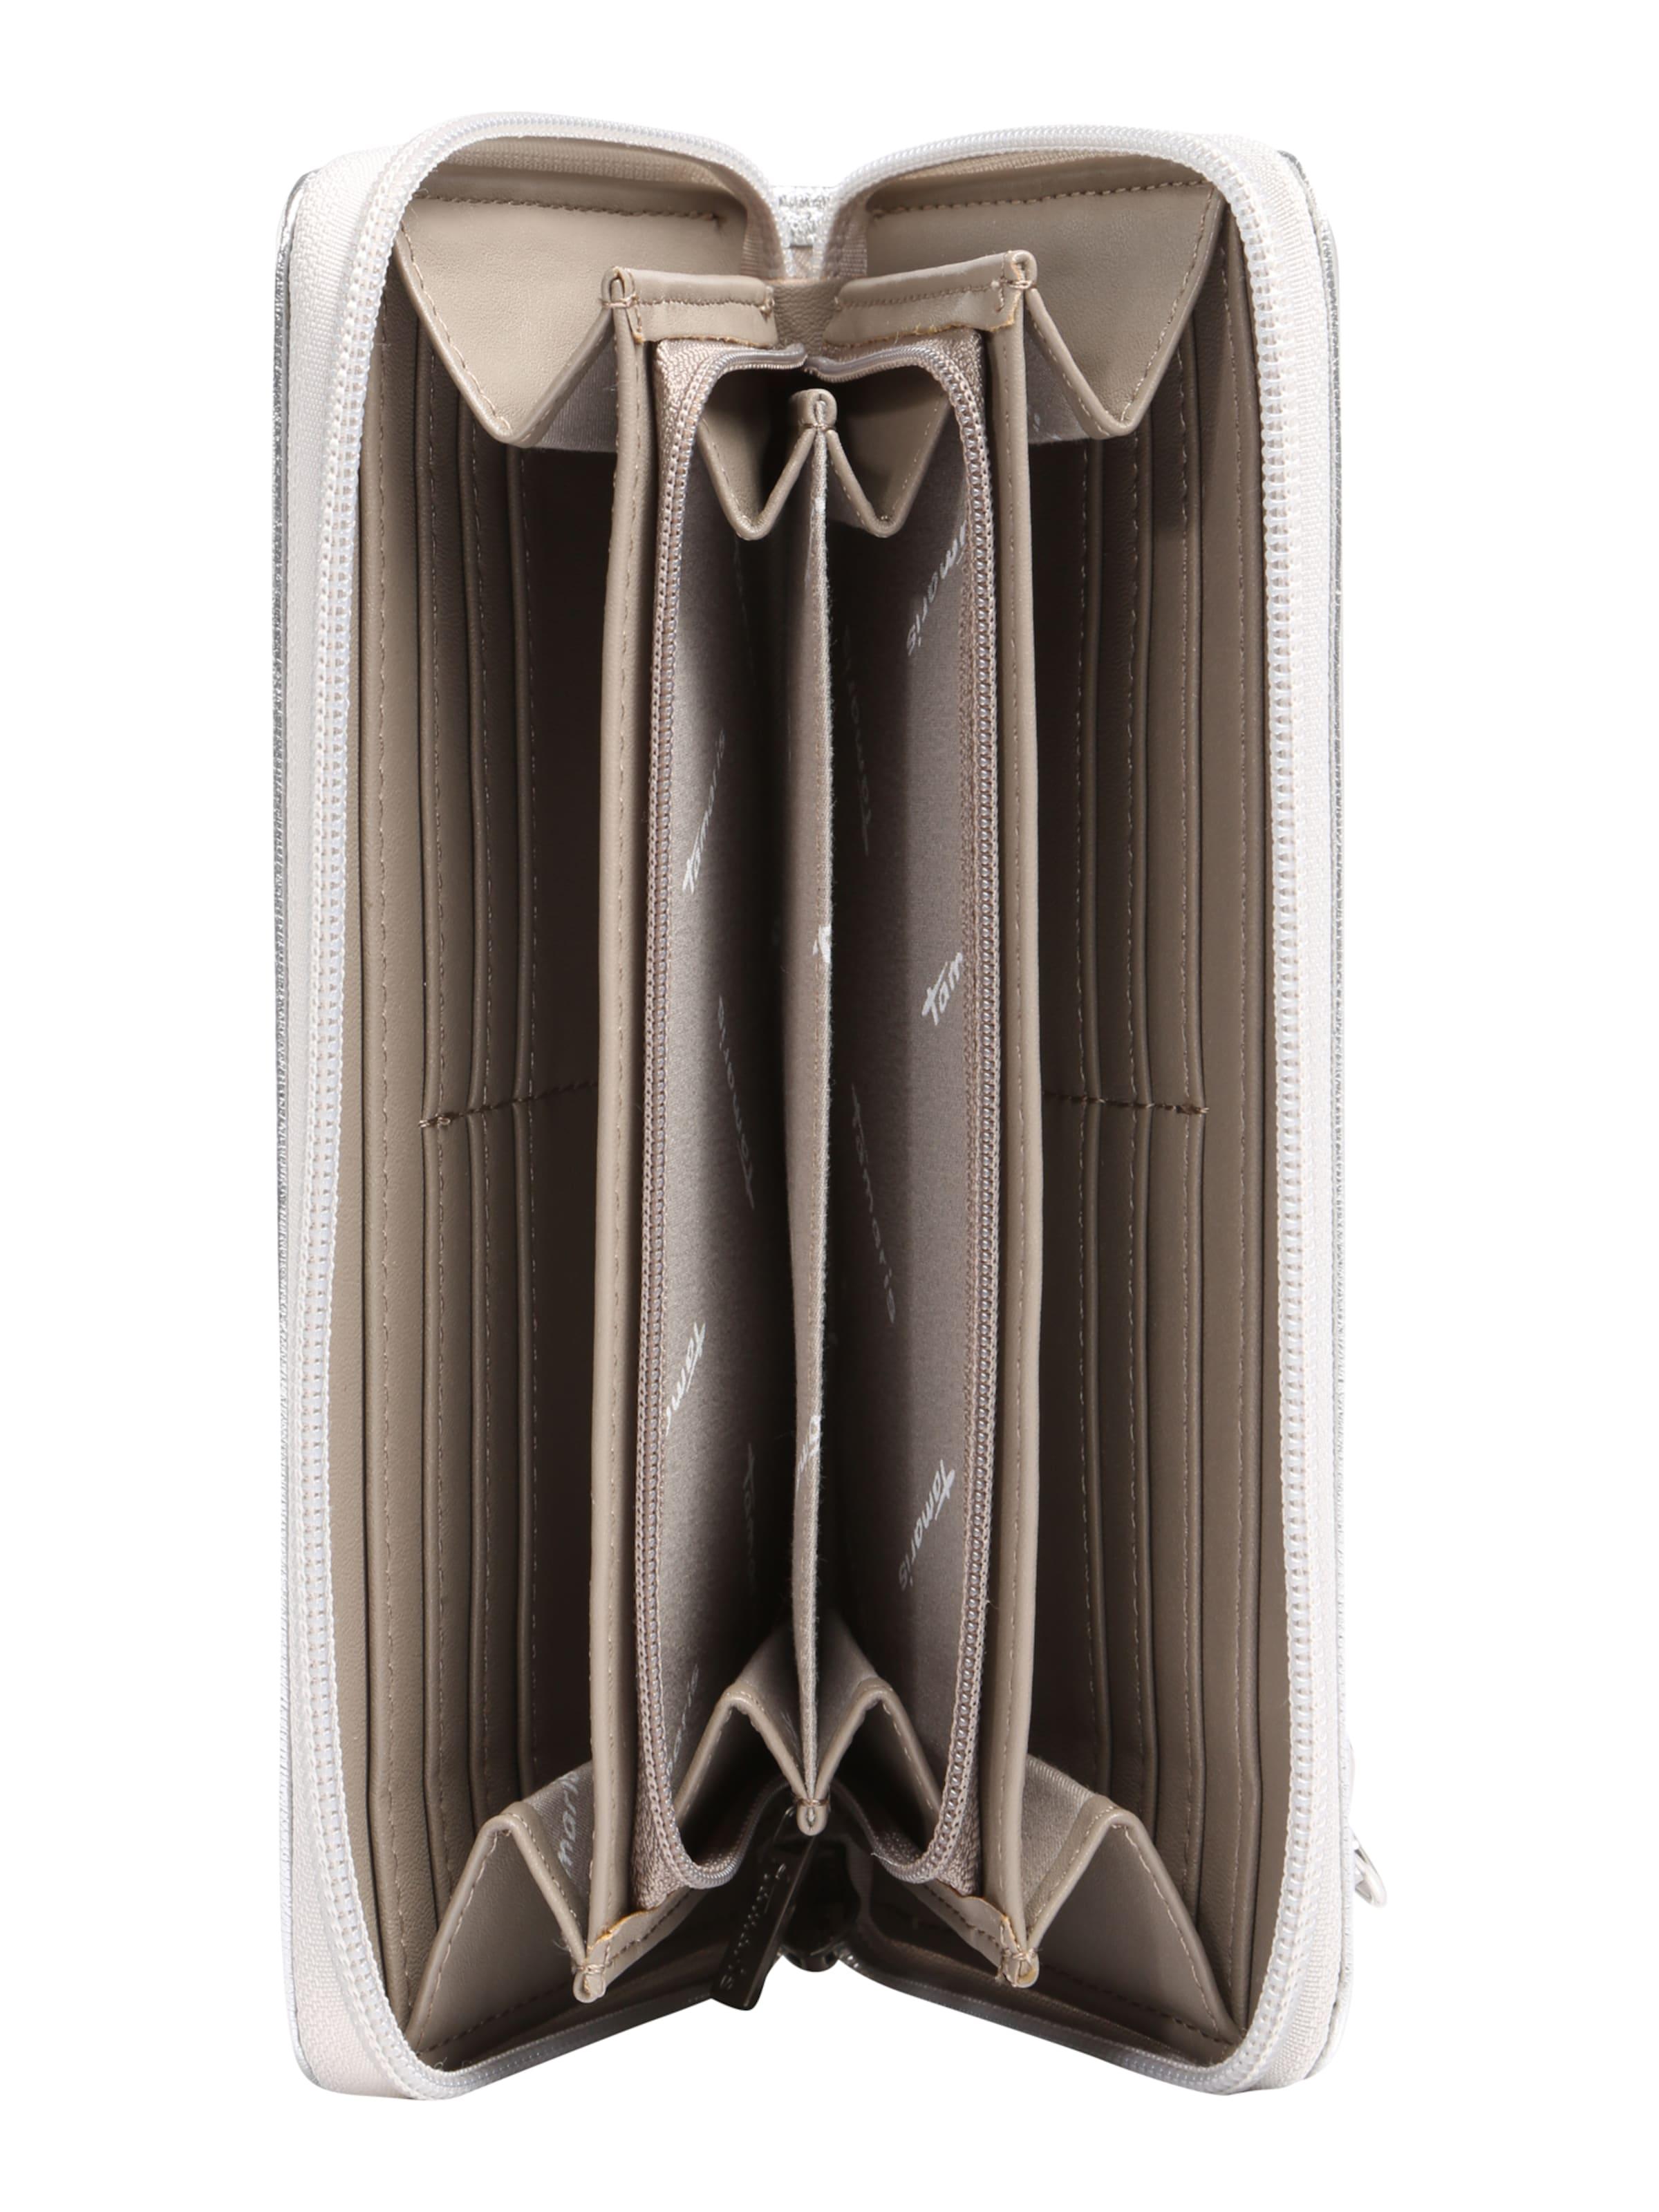 Neue Stile Limited Edition Online TAMARIS Brieftasche 'Debra' Rabattgutscheine Online Freies Verschiffen Austrittsstellen Wiki Verkauf Online E77y0